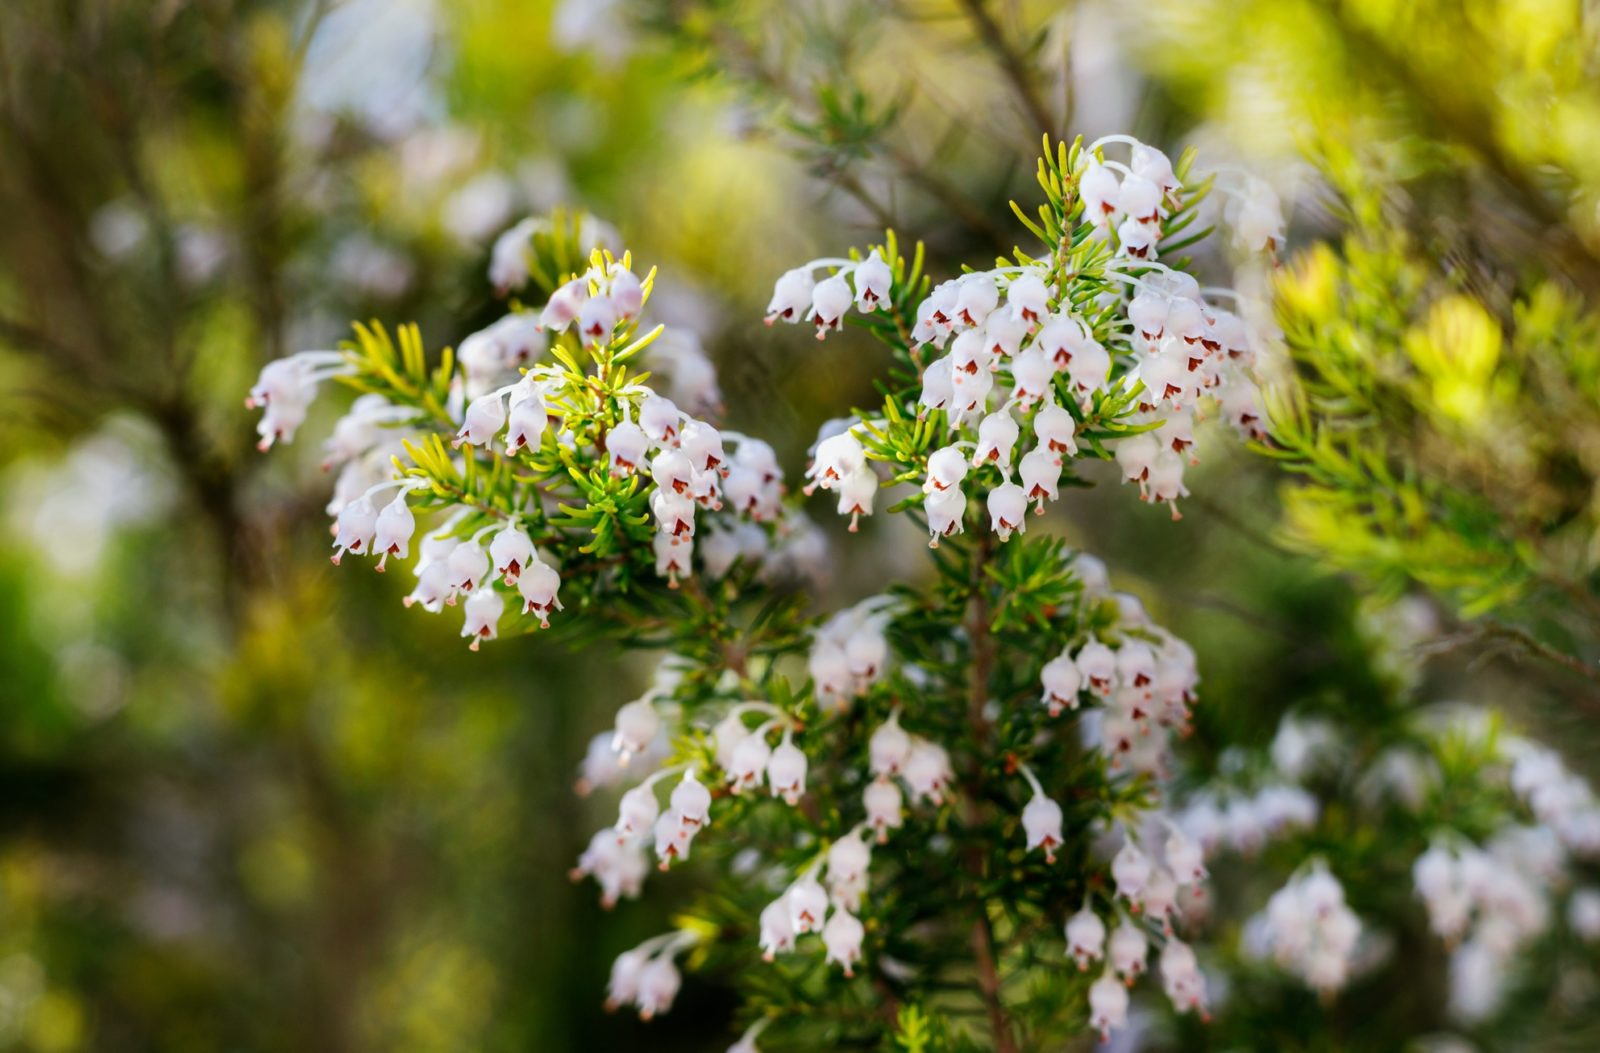 erica arborea plant up close